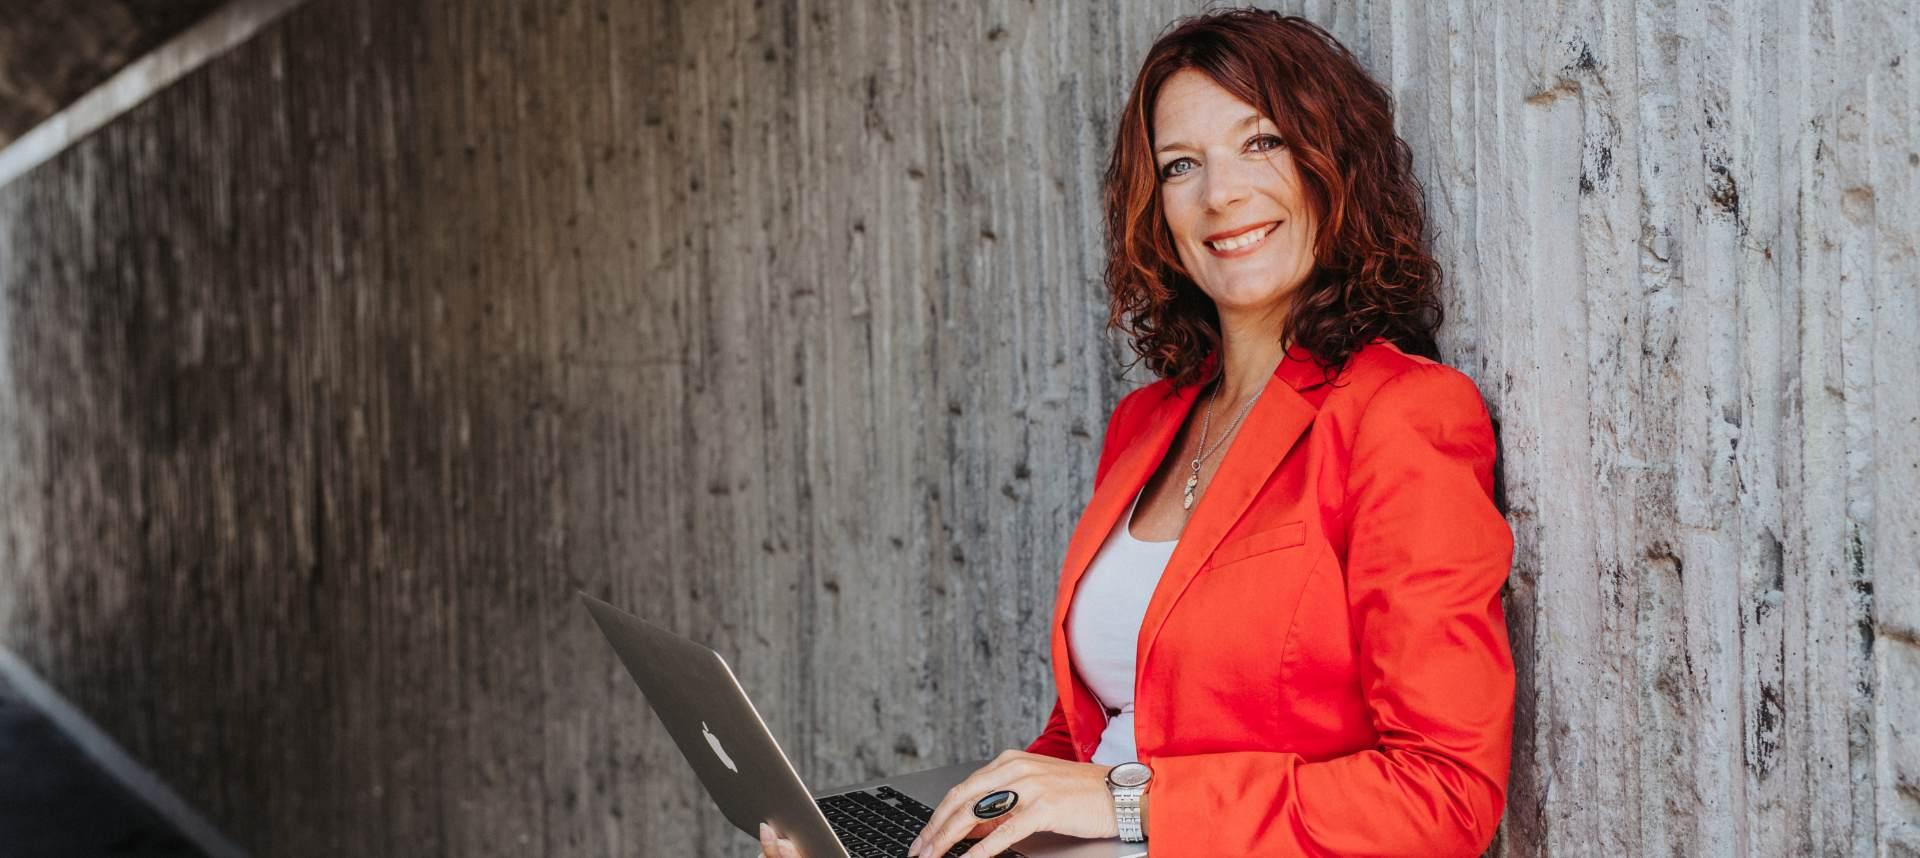 kvinna som håller i en dator